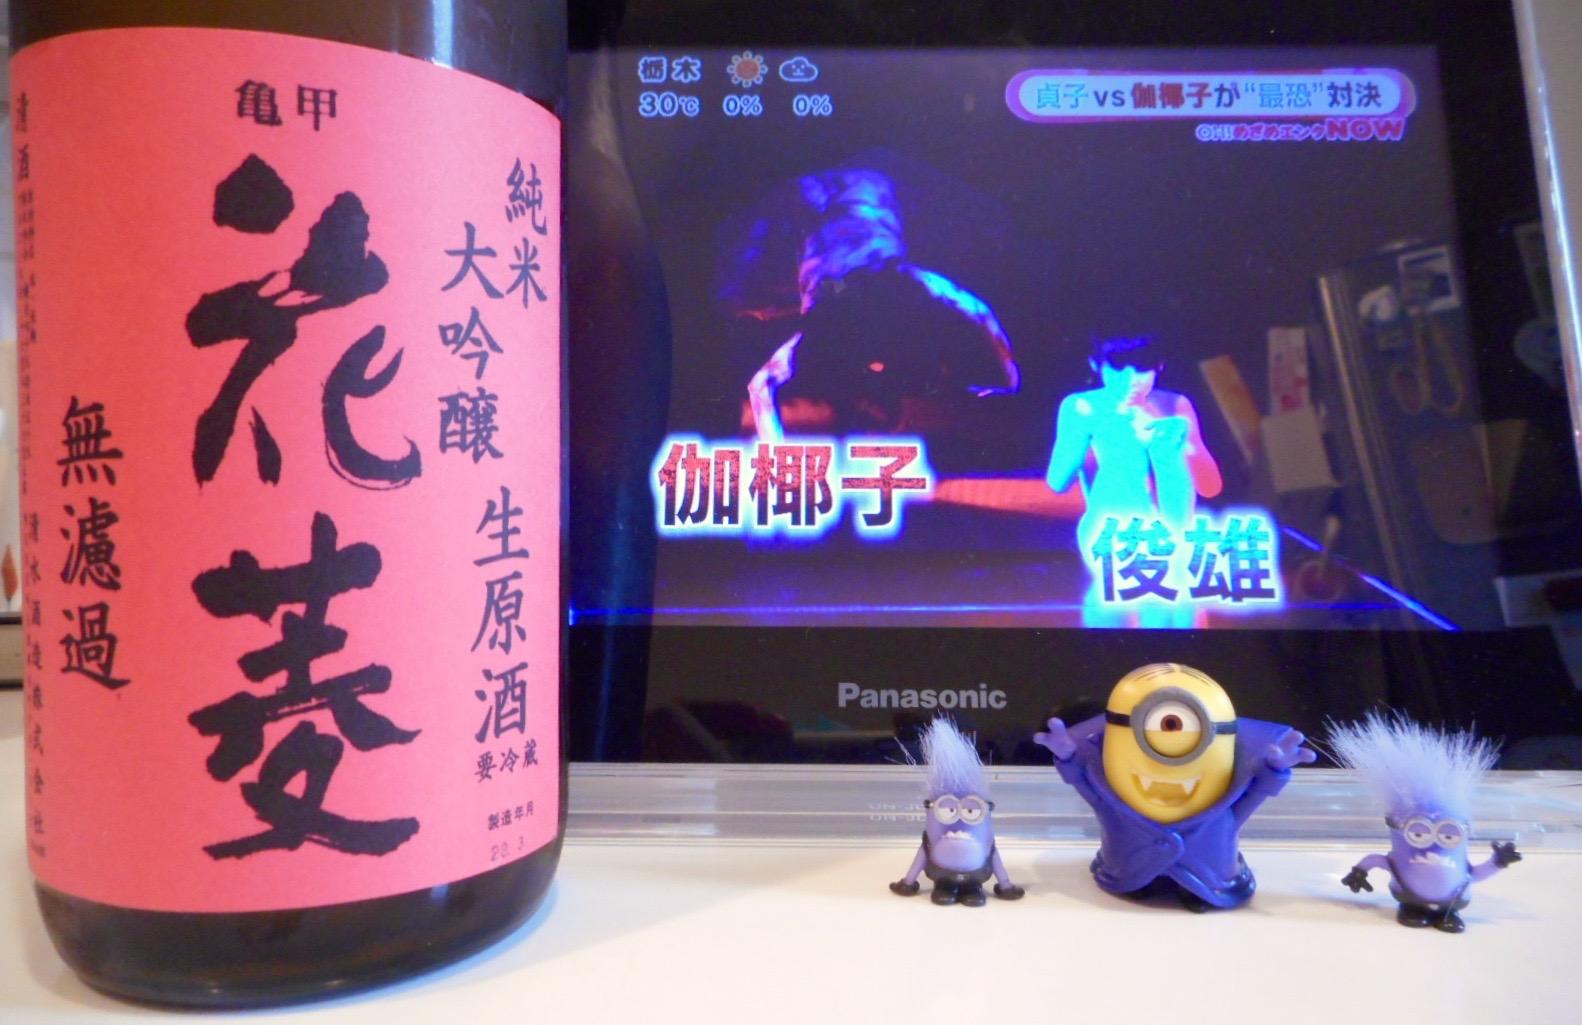 hanabishi_jundai_jikagumi1.jpg